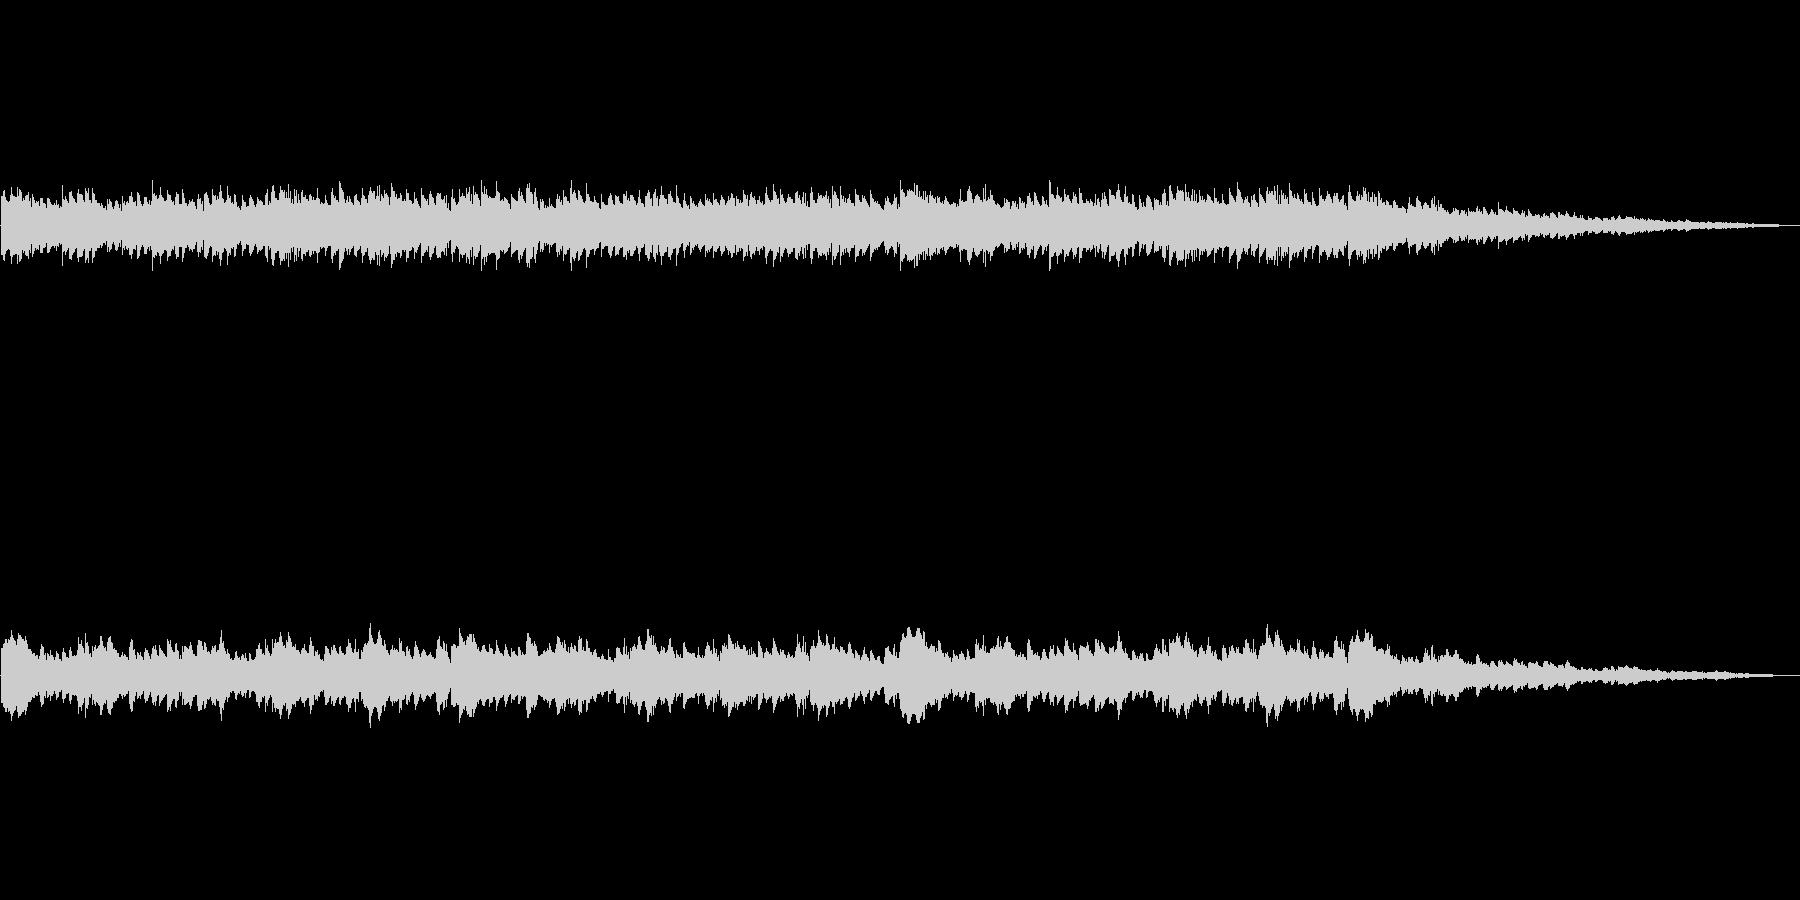 ピアノソロの曲(くり返し)の未再生の波形